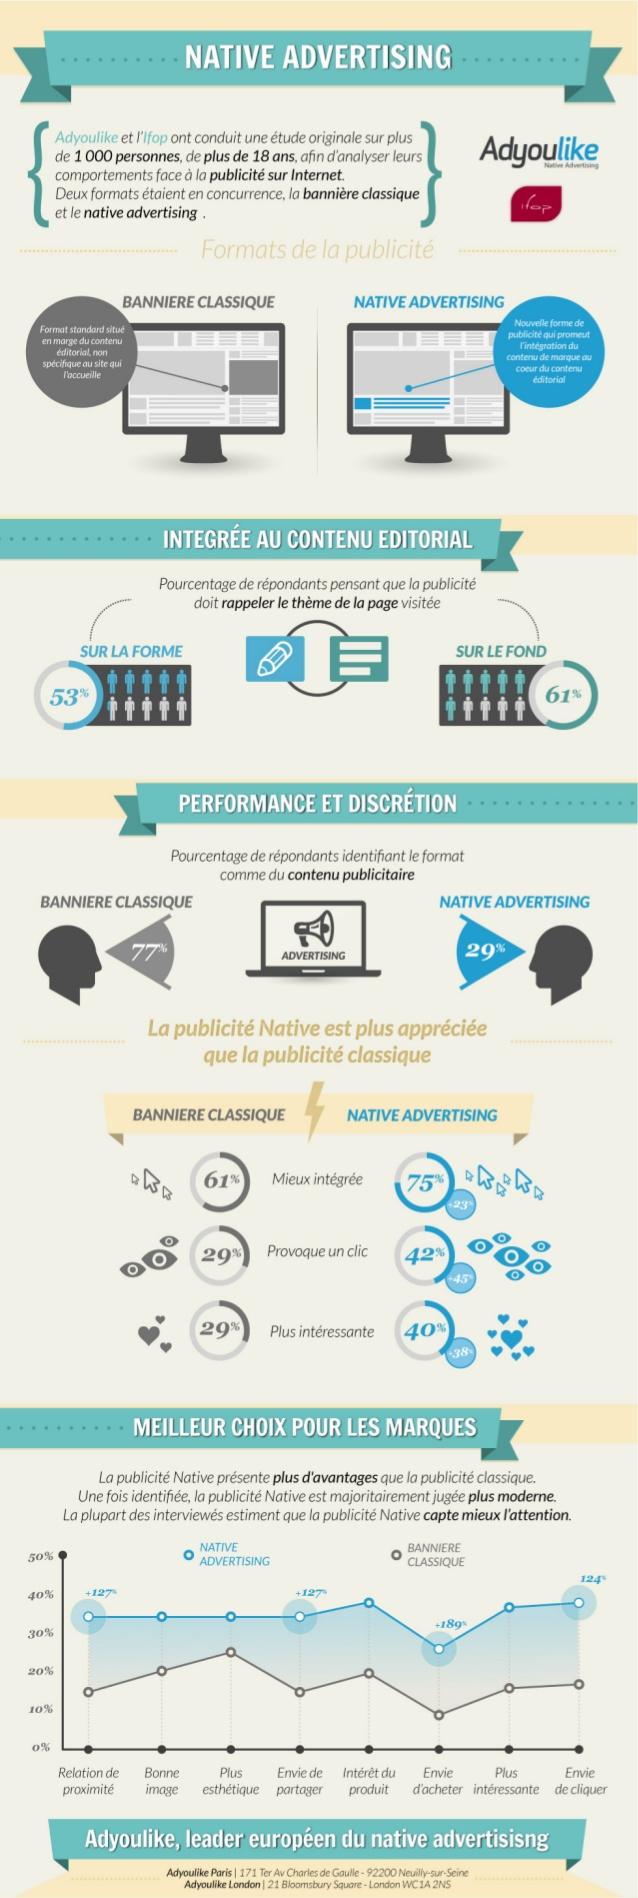 Infographie IFOP sur le Native Advertising pour AdYouLike, un des acteurs du secteur